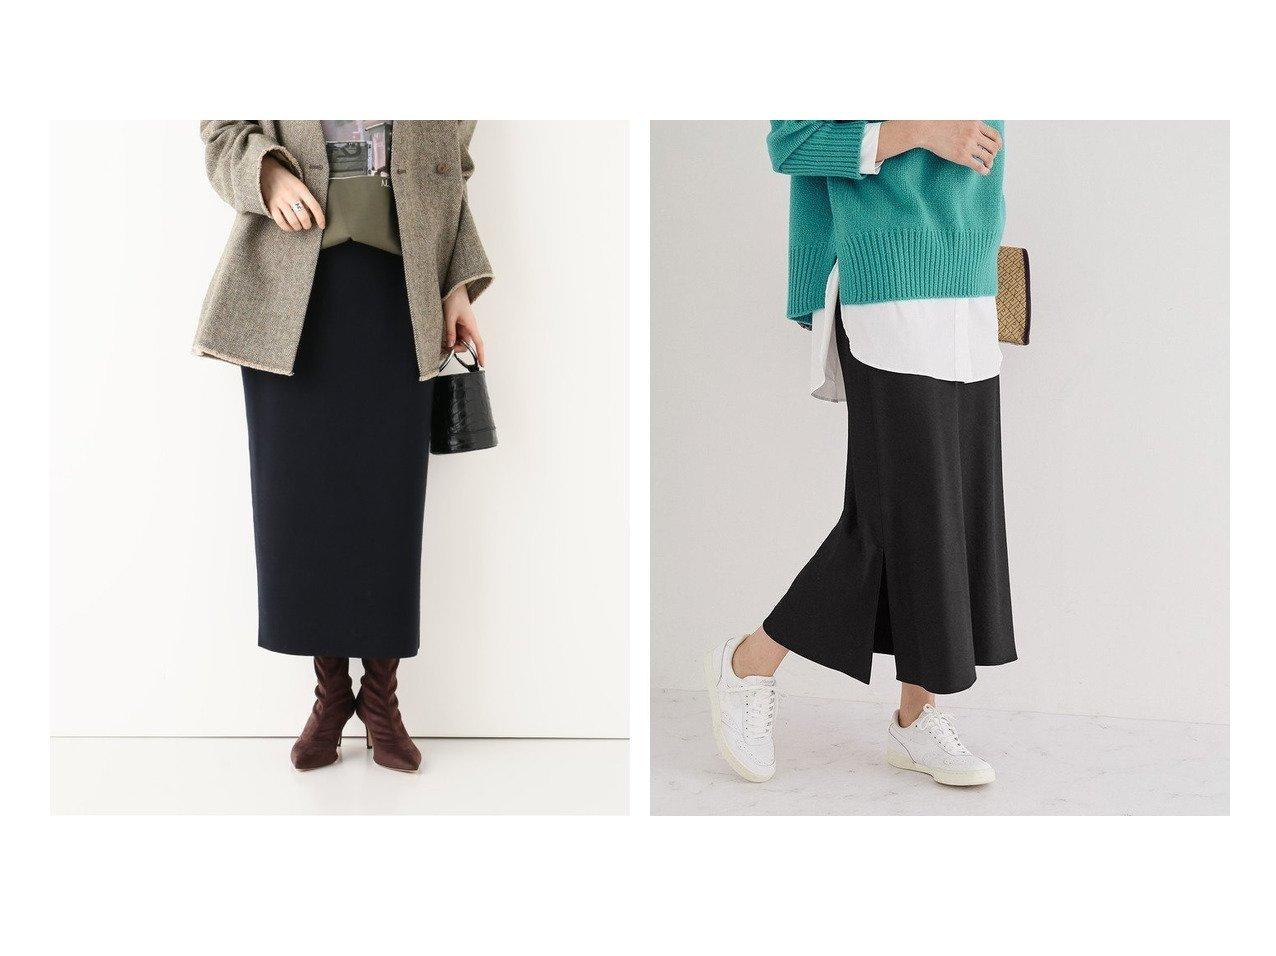 【Plage/プラージュ】のSmooth Knit スカート&【ROPE/ロペ】のサテンミモレスカート スカートのおすすめ!人気、レディースファッションの通販 おすすめで人気のファッション通販商品 インテリア・家具・キッズファッション・メンズファッション・レディースファッション・服の通販 founy(ファニー) https://founy.com/ ファッション Fashion レディース WOMEN スカート Skirt エレガント 春 カーディガン フィット ベーシック 秋冬 A/W Autumn/ Winter  ID:crp329100000001475